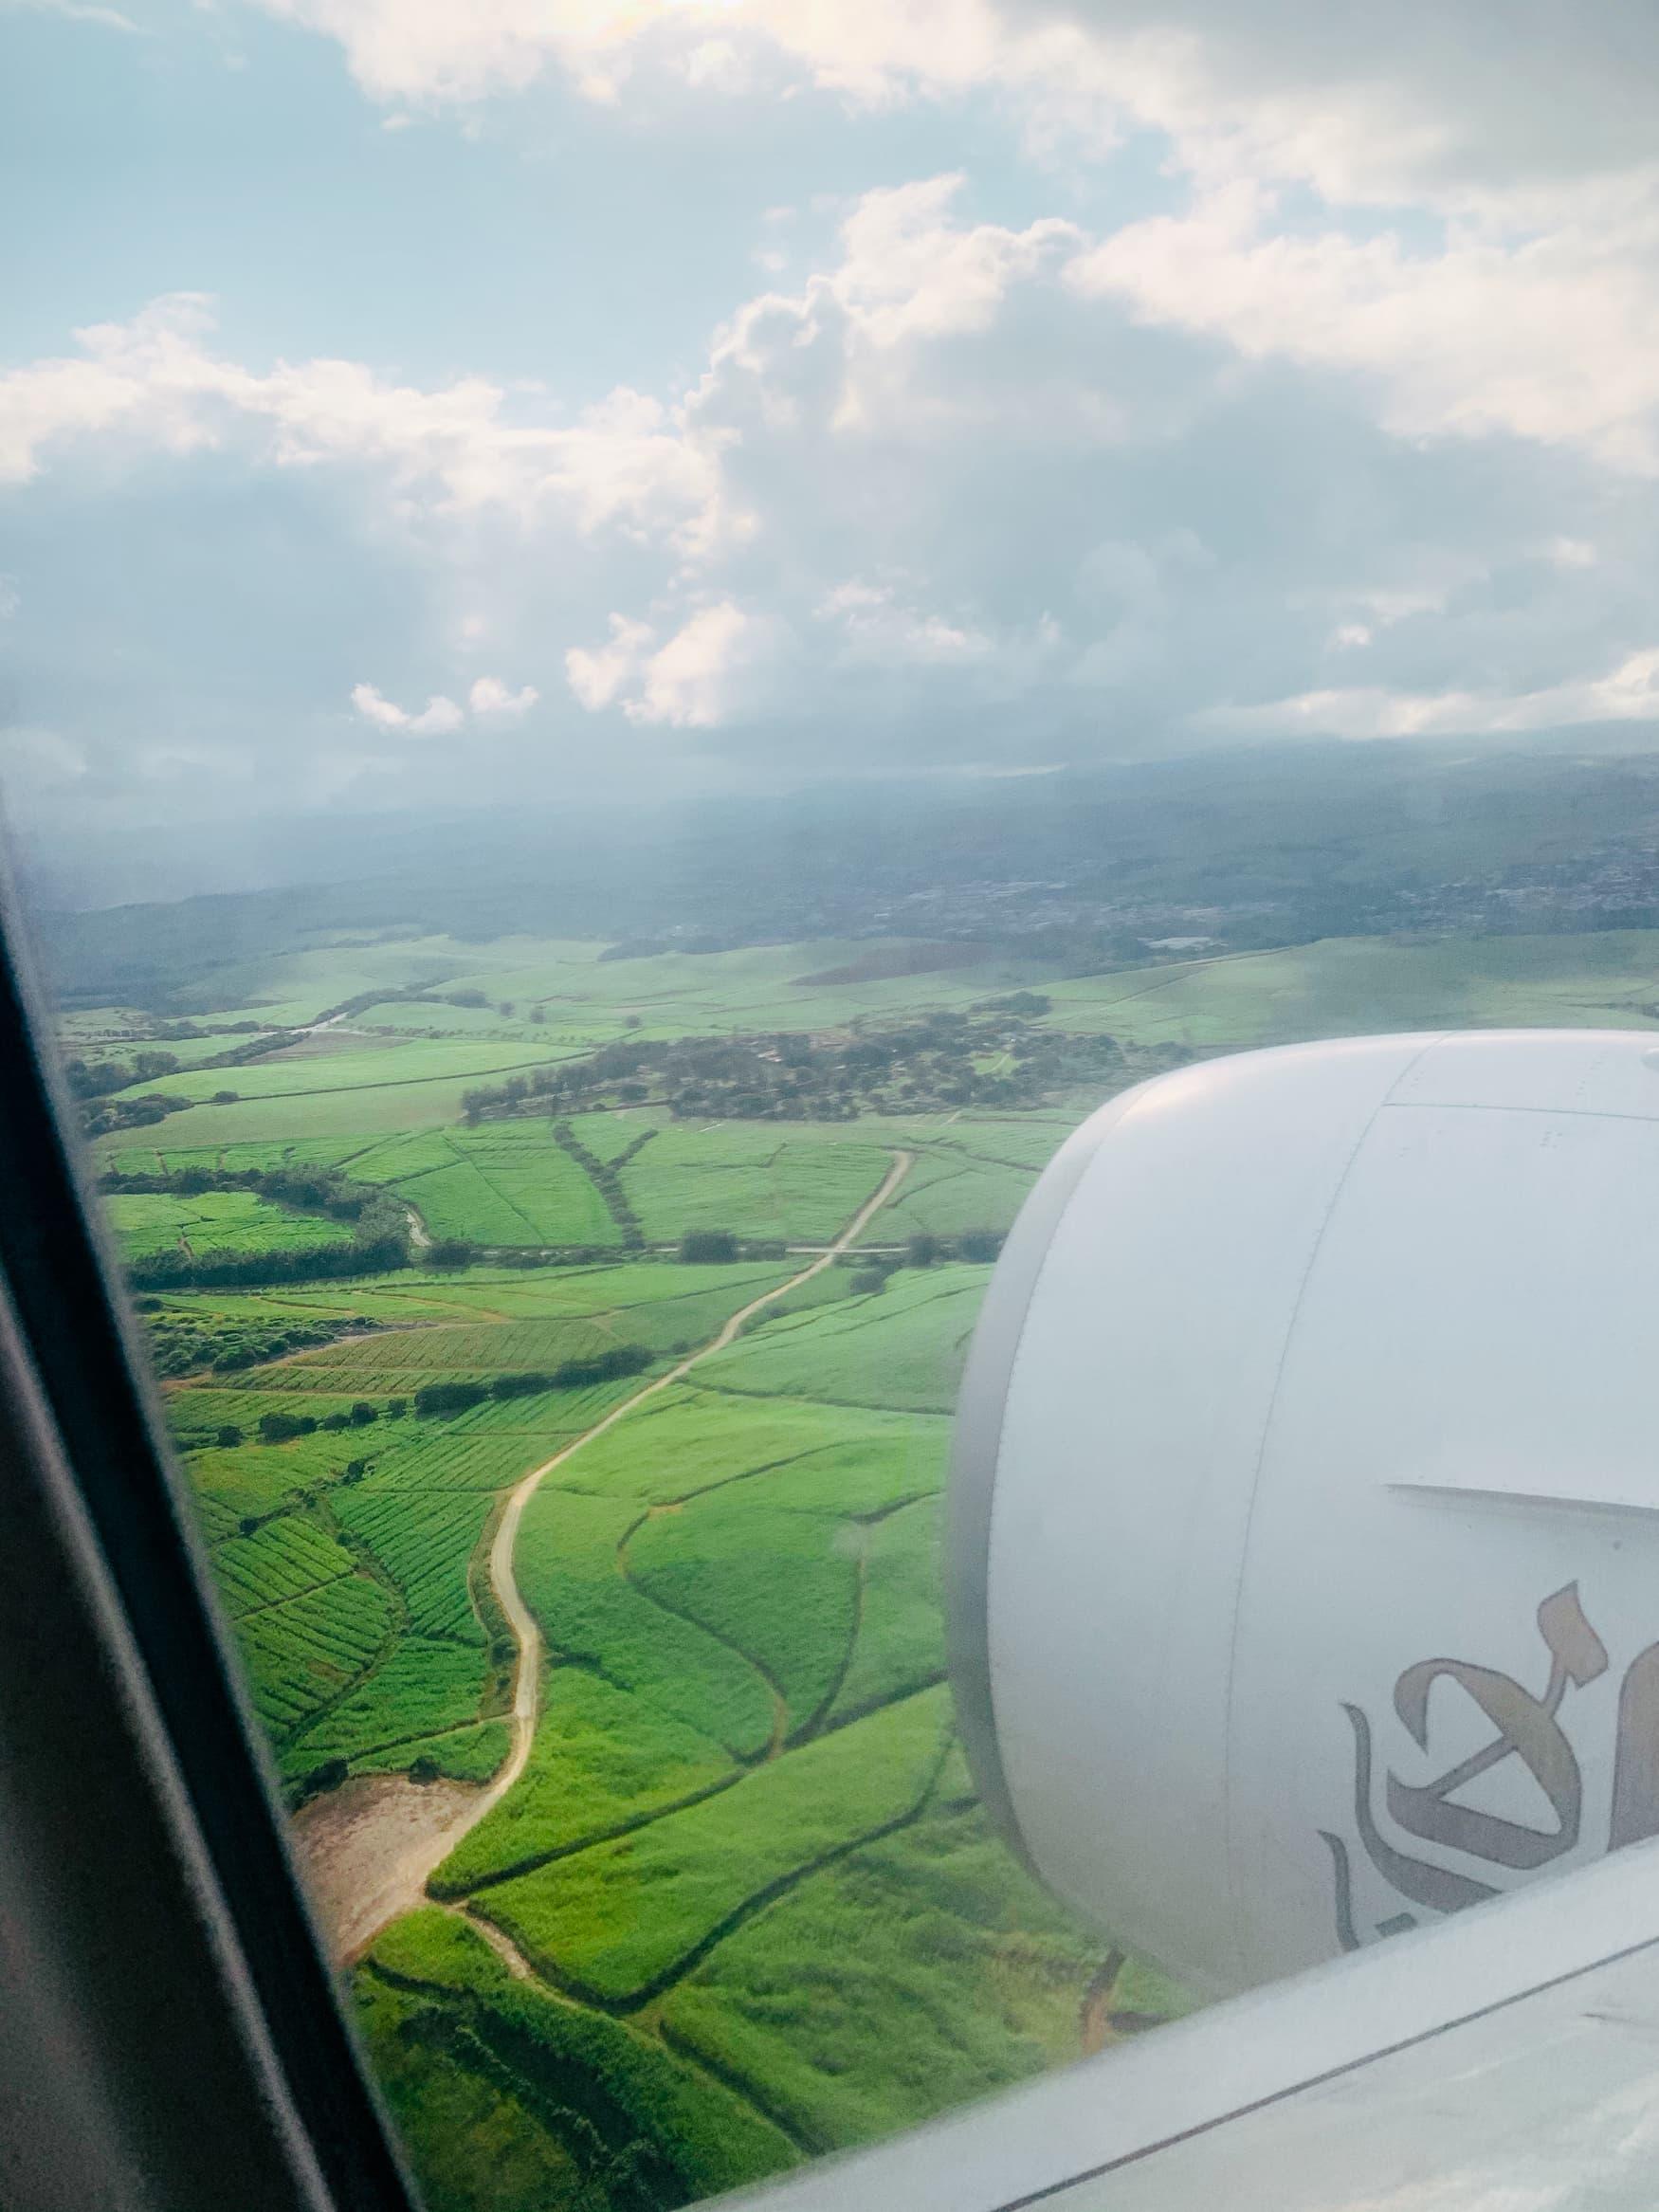 Blick aus Flugzeug auf die südafrikanische Landschaft bei Durban